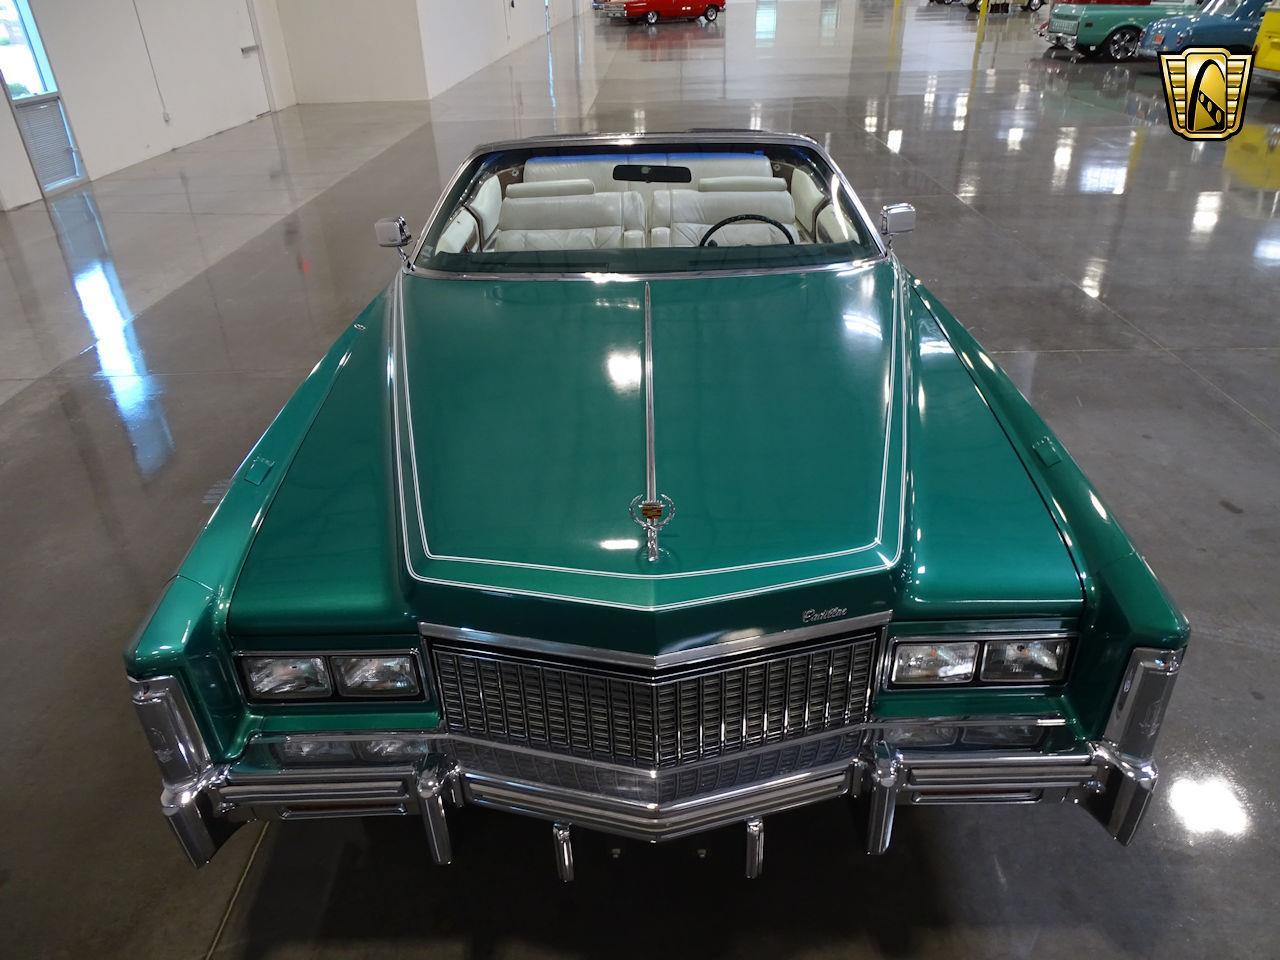 1976 Cadillac Eldorado for Sale | ClassicCars.com | CC-1023311